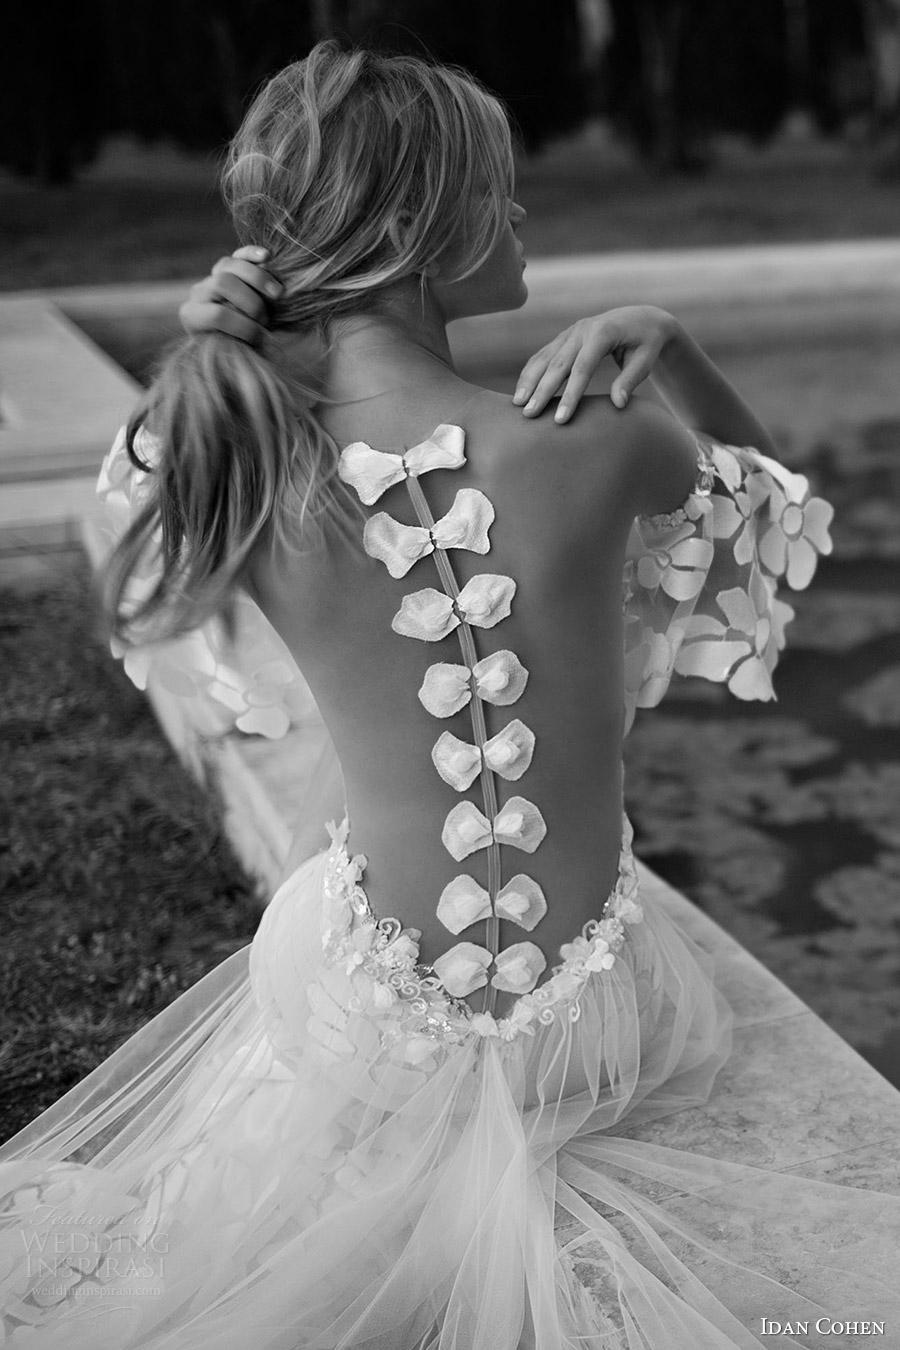 vestido de Idan Cohen nupcial 2017 aleteo novia de la vaina manguito partido novia (37) bv dividida falda del arco ilusión volver